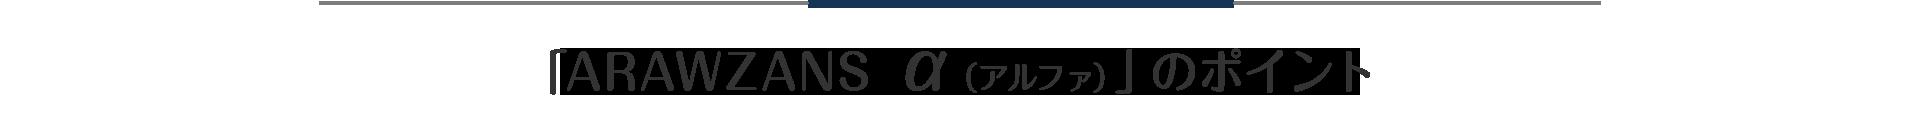 「ARAWZANS α」のポイント